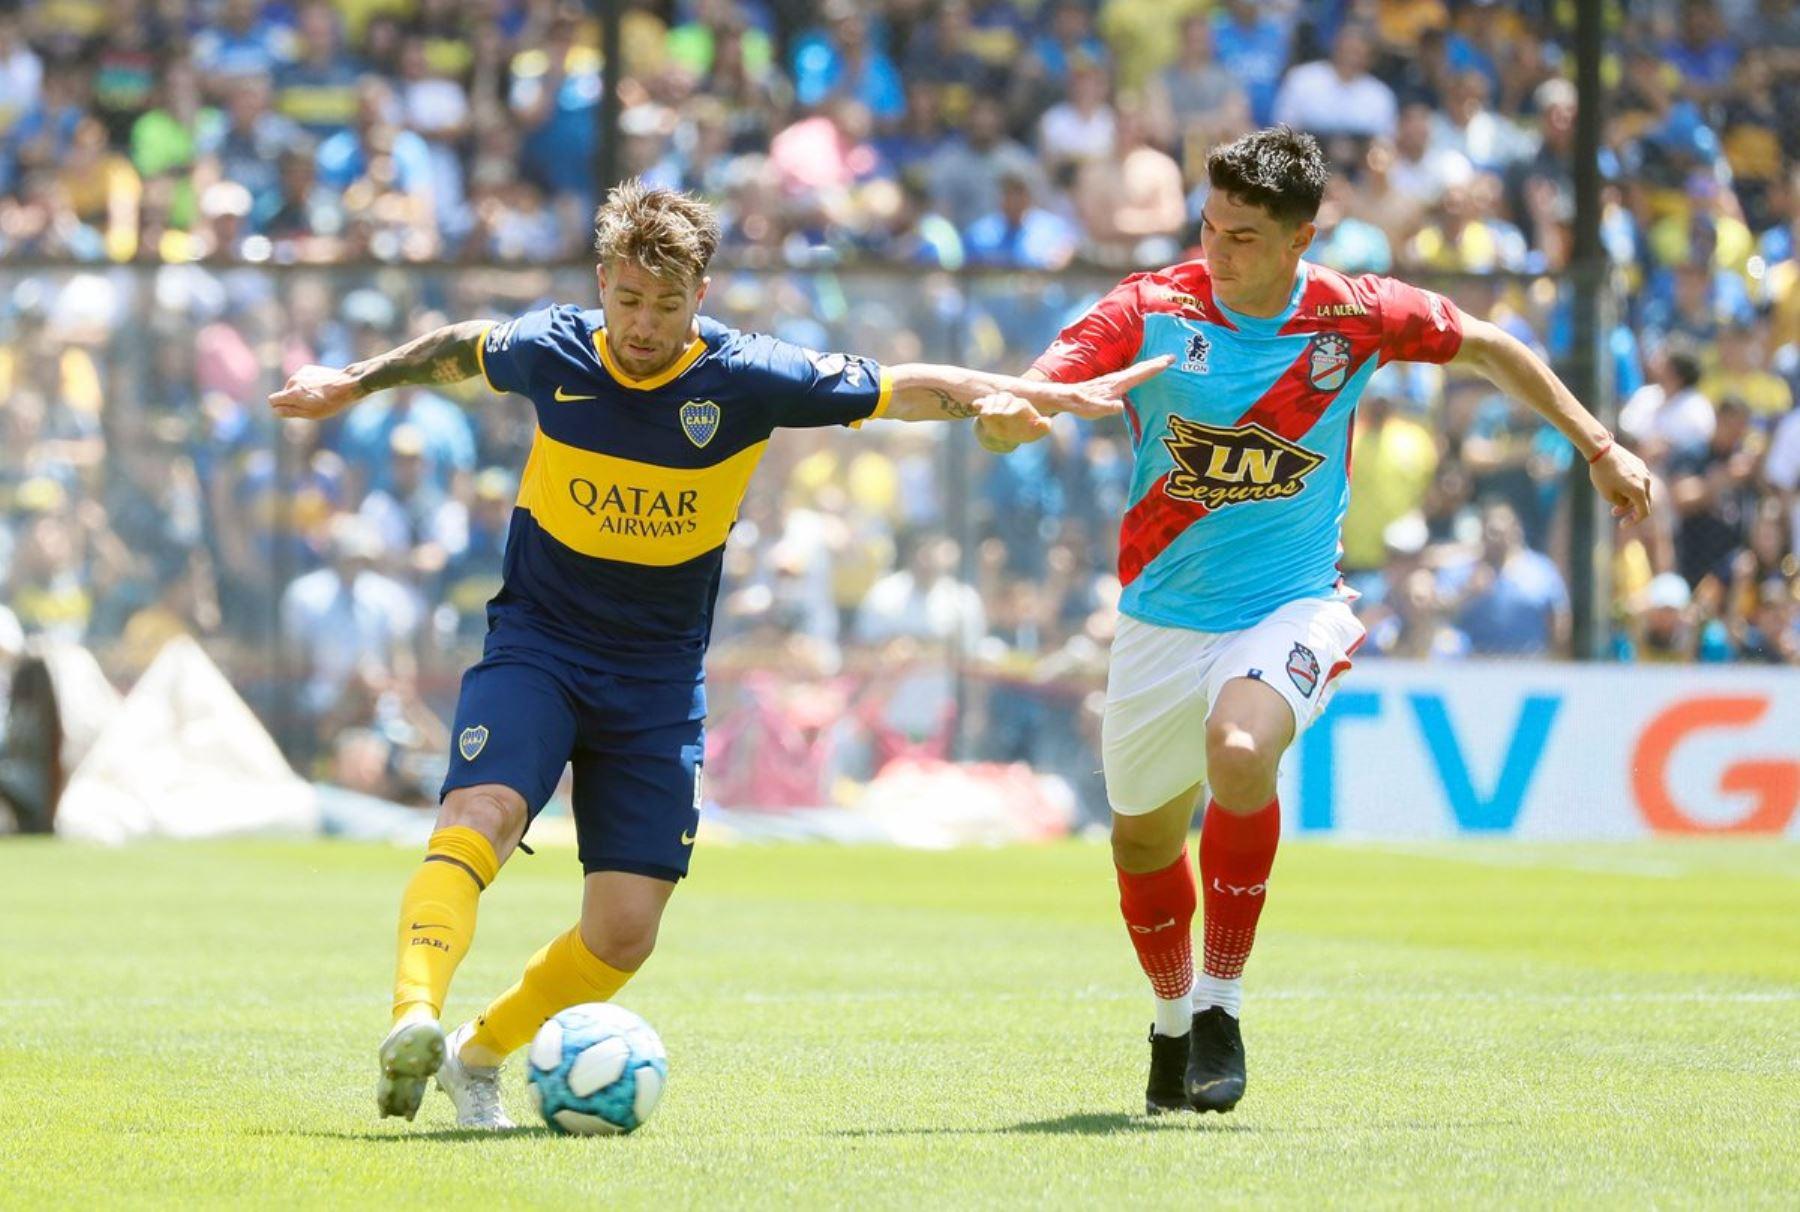 Boca golea a Arsenal y vuelve a la cima en la Superliga argentina |  Noticias | Agencia Peruana de Noticias Andina